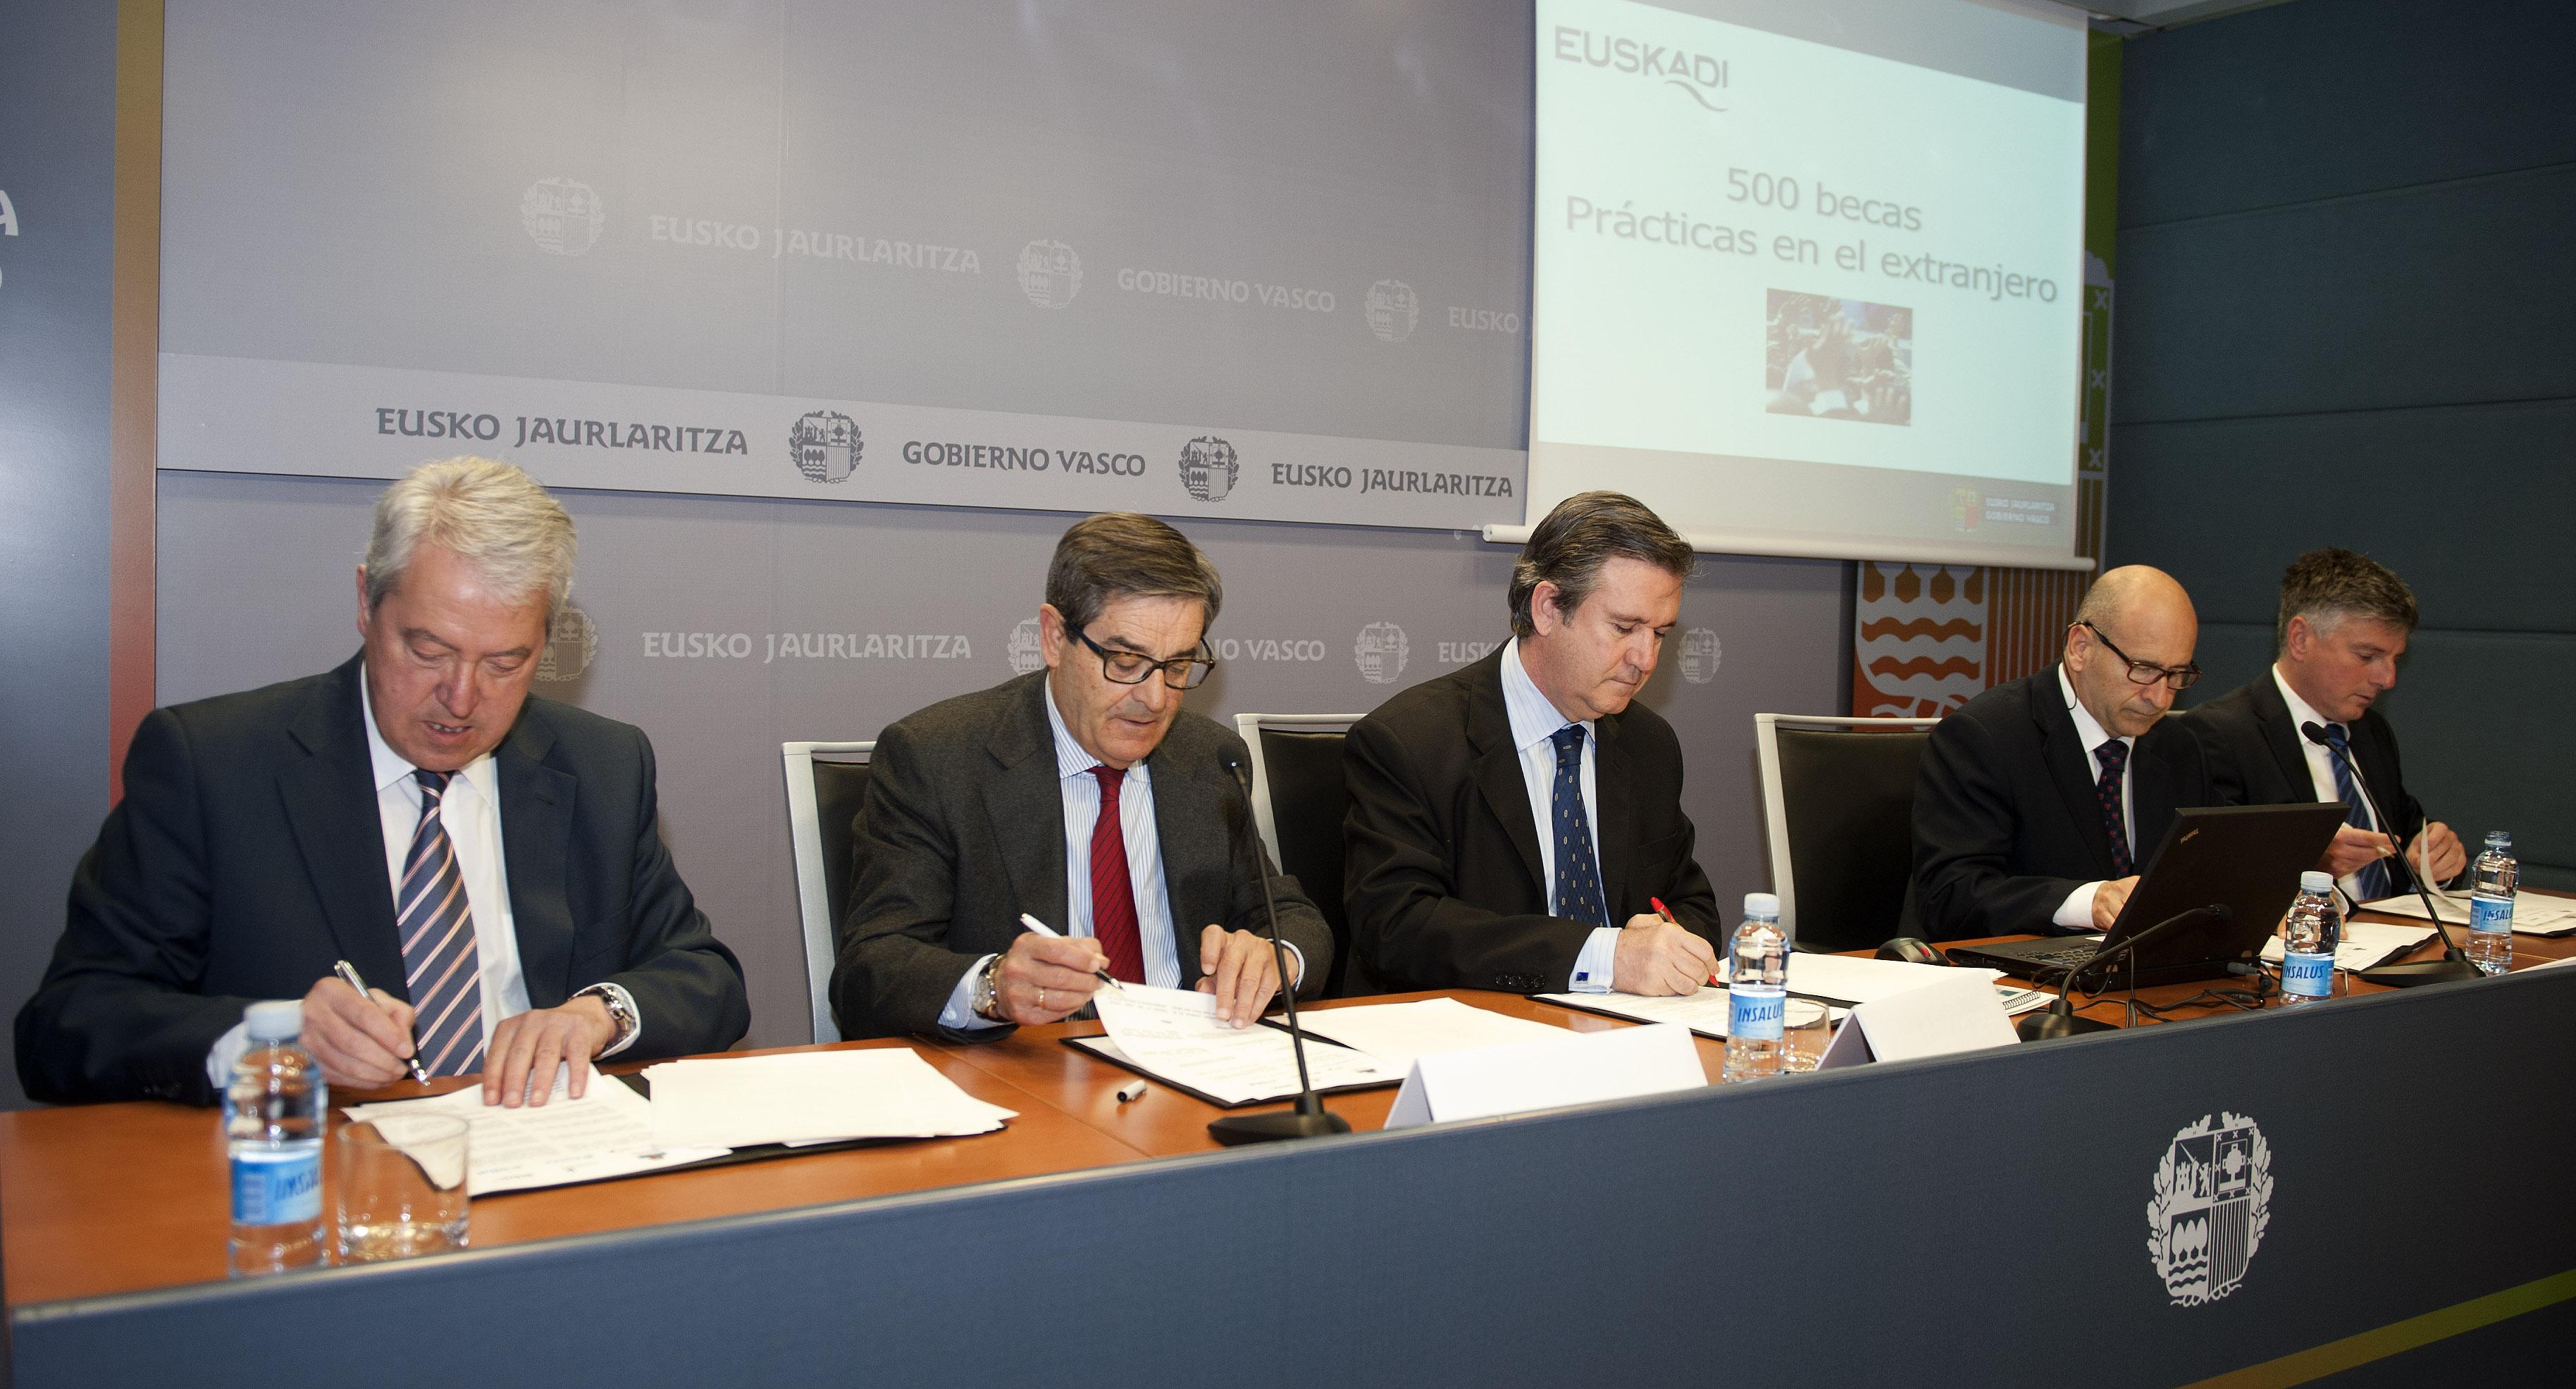 2012_04_16_unda_becas_extranjero_cajas_03.jpg